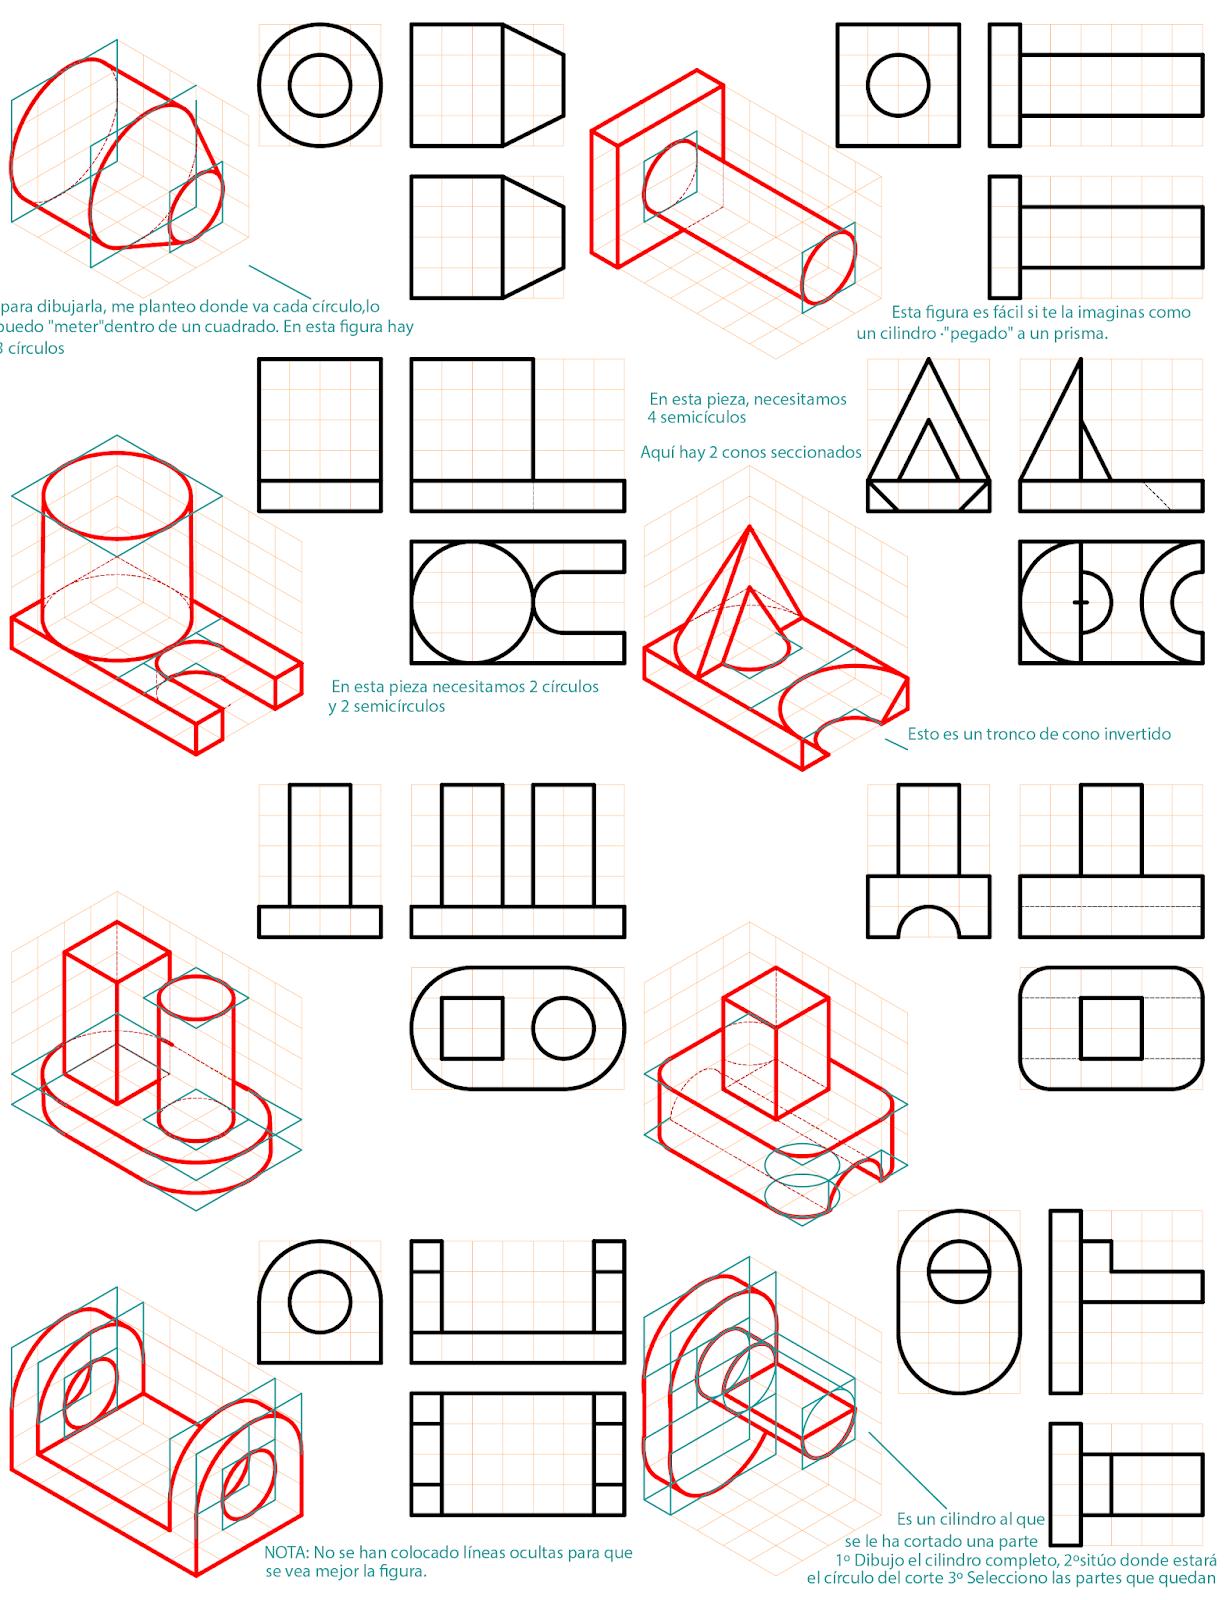 Blog Sobre Dibujo Tecnico De Bachillerato Ejercicios Diedrico Selectividad Clases De Dibujo Tecnico Ejercicios De Dibujo Tecnicas De Dibujo